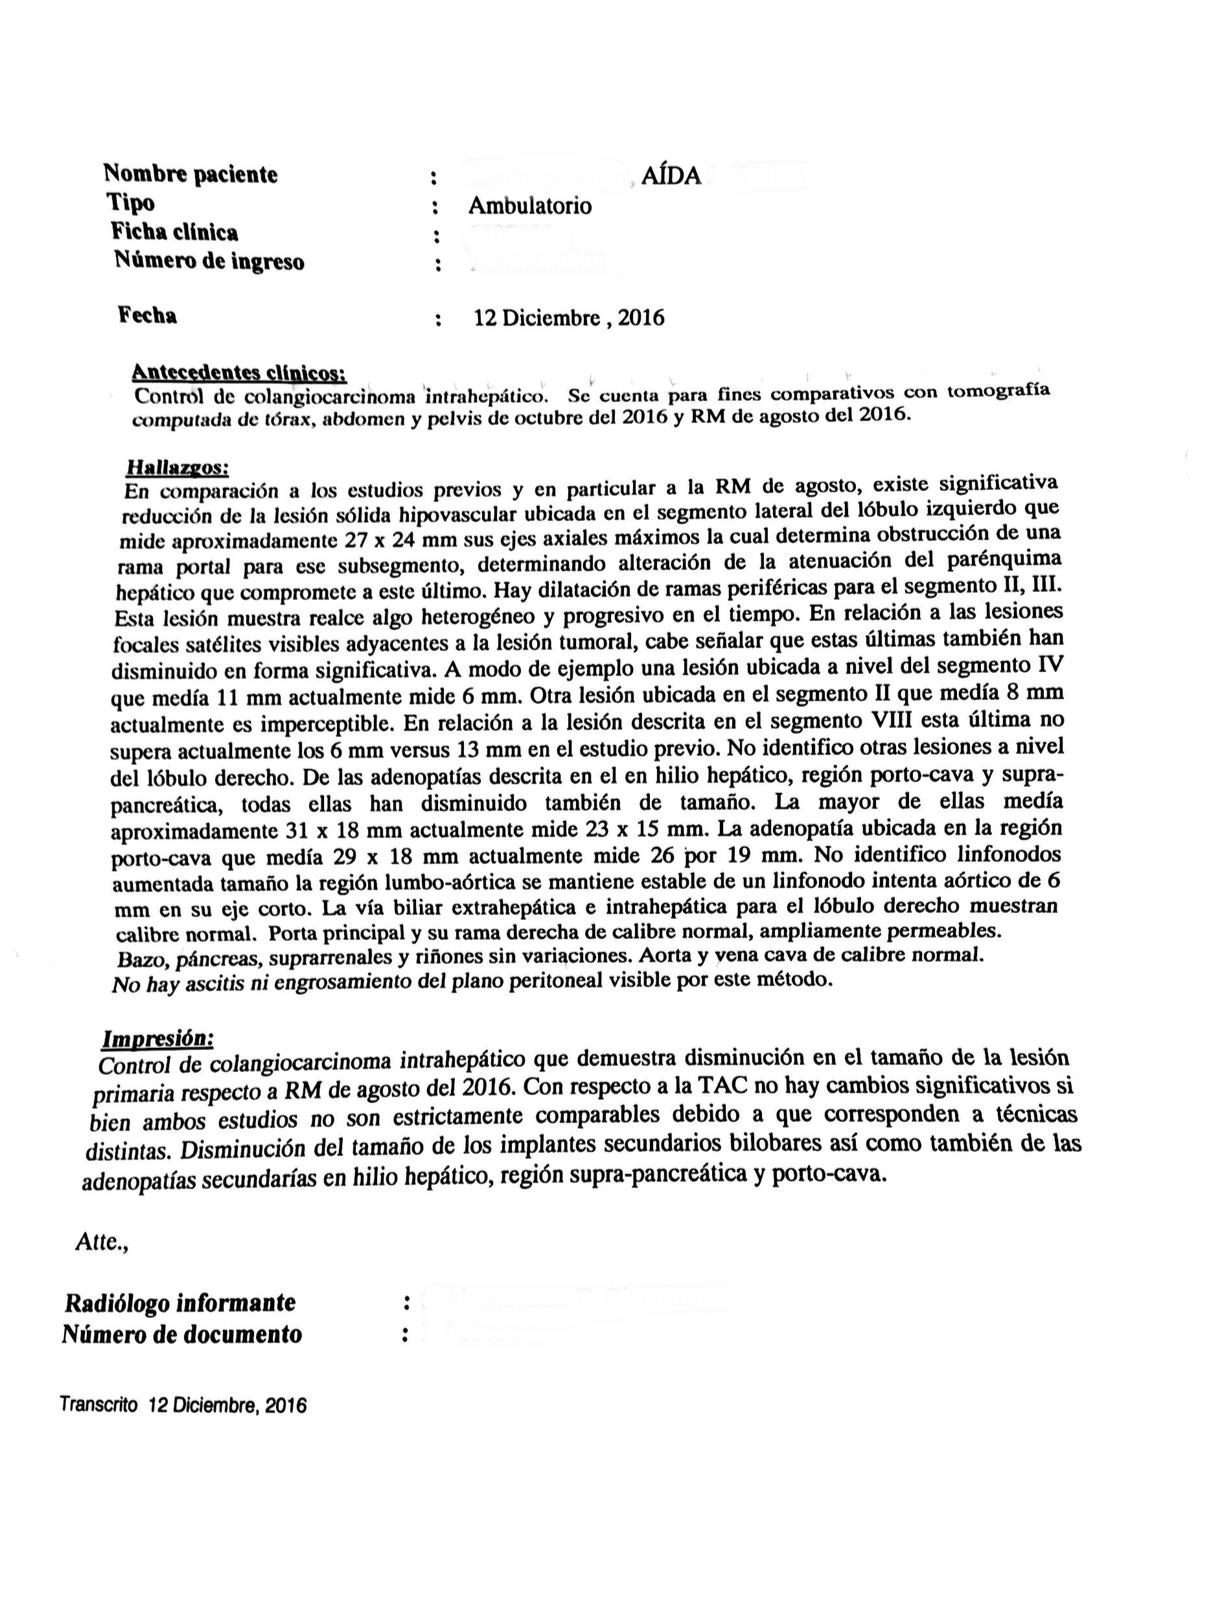 LifEscozul® - Aida 3 - Cáncer de Hígado